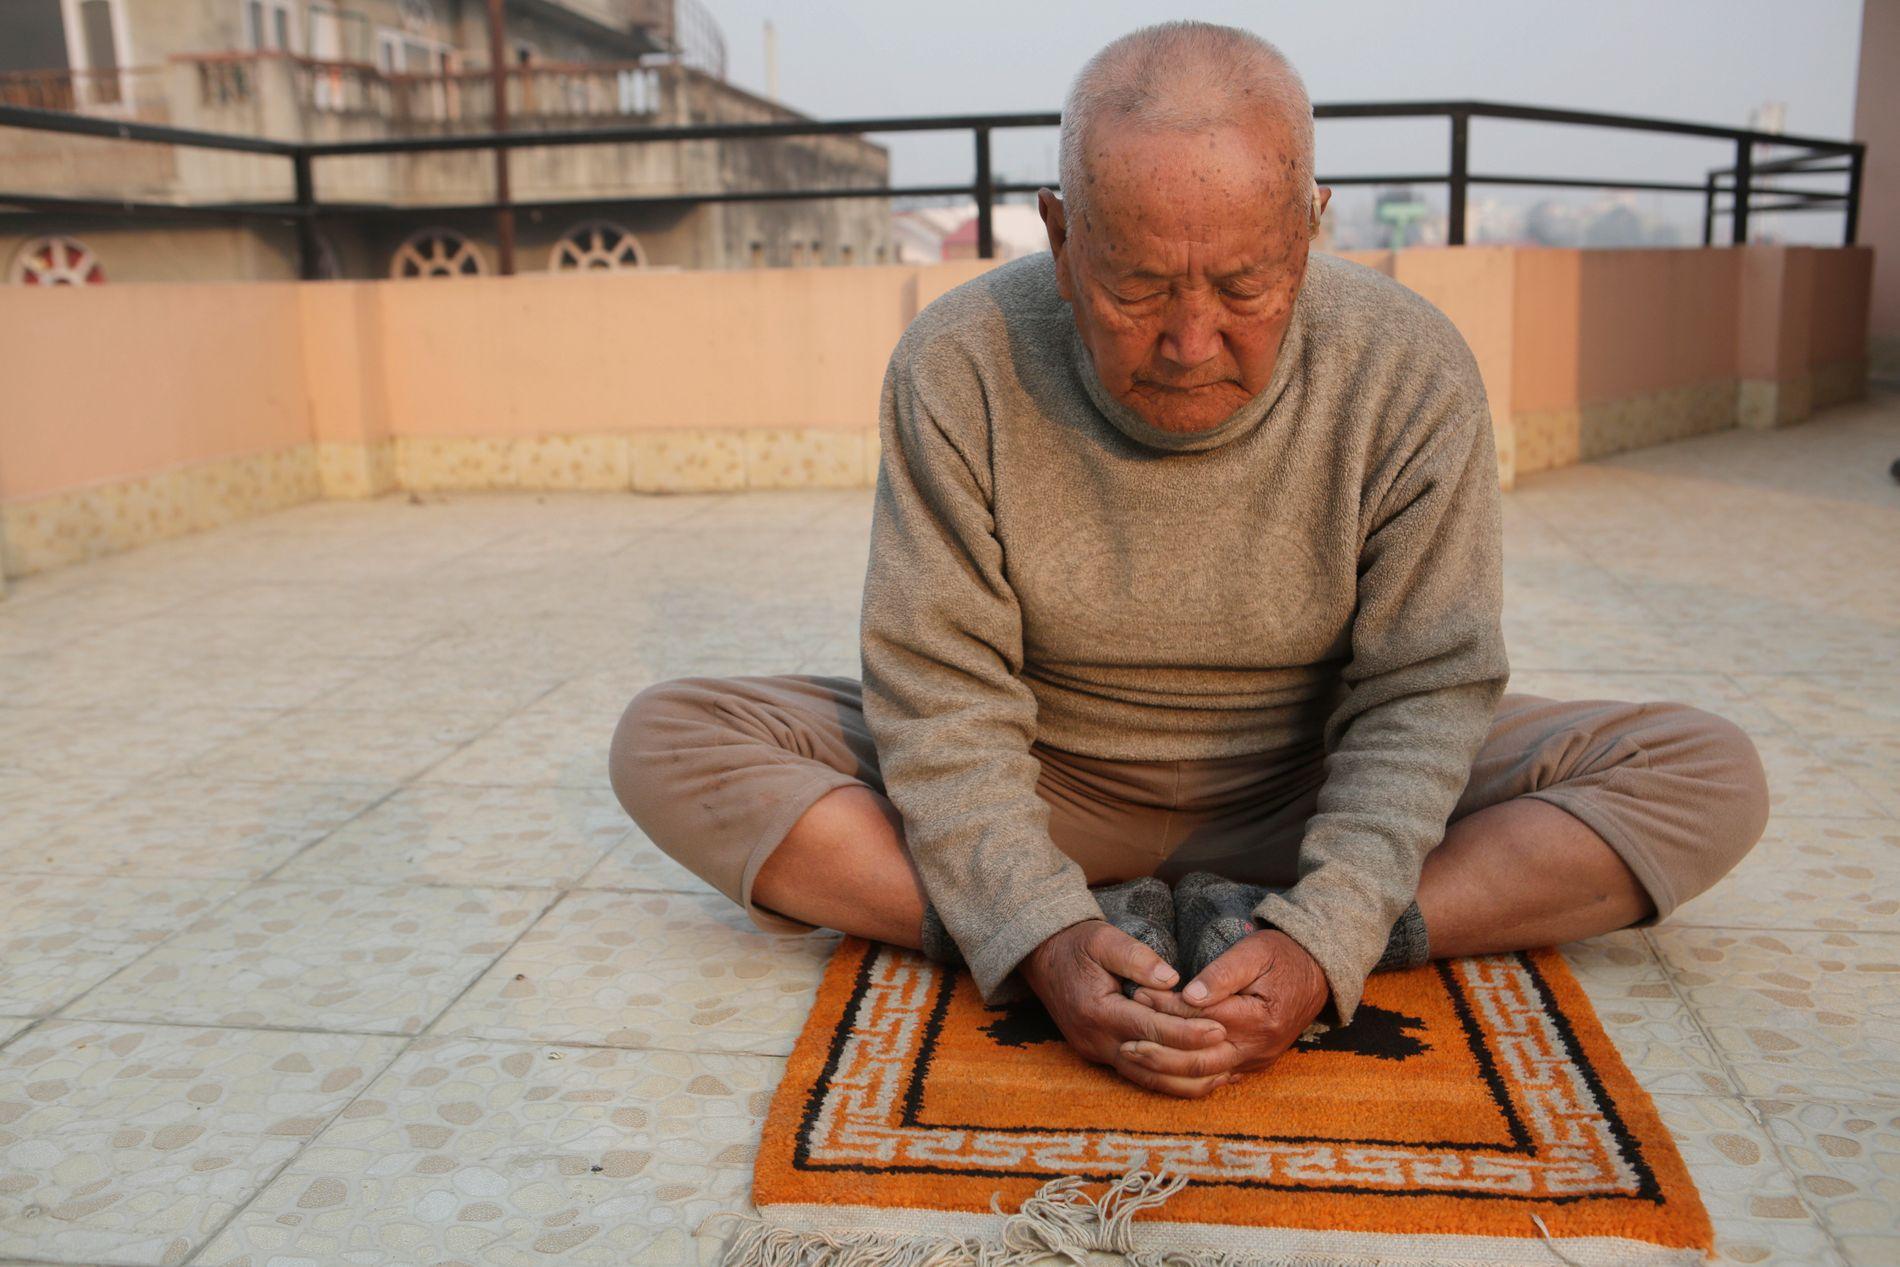 HÅPER Å NÅ TOPPEN: 85-årige Sherchan har planer om å stå på toppen av Mount Everest neste måned. Første gang han besteg fjellet var han 76 år gammel.